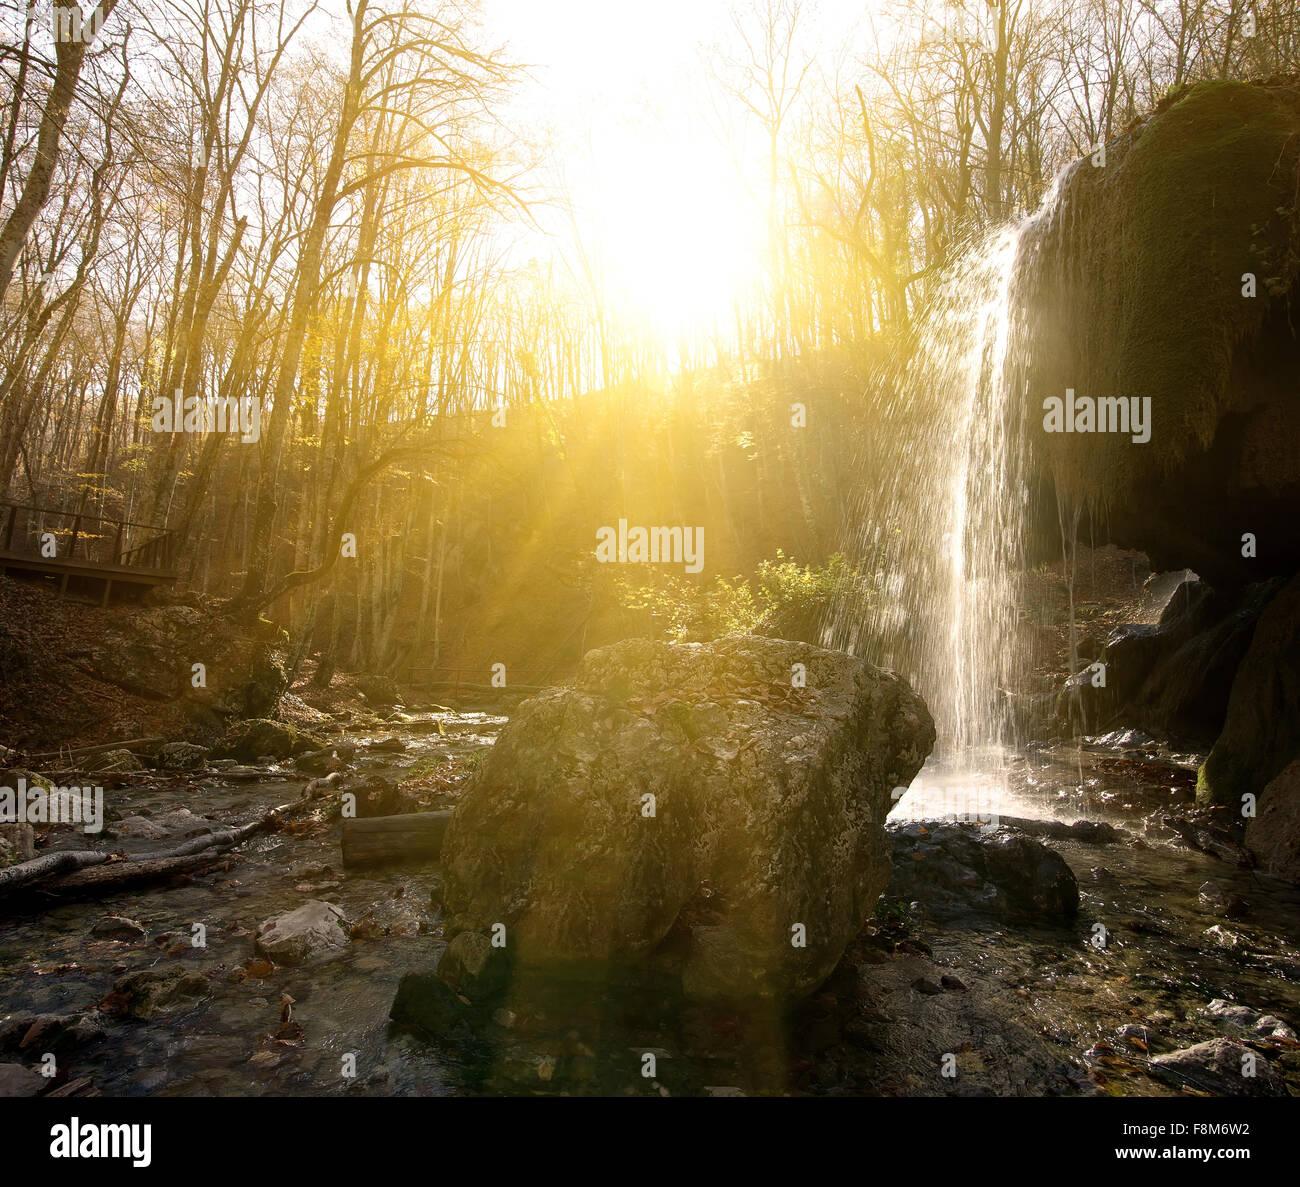 Cascade dans les bois à matin ensoleillé Photo Stock